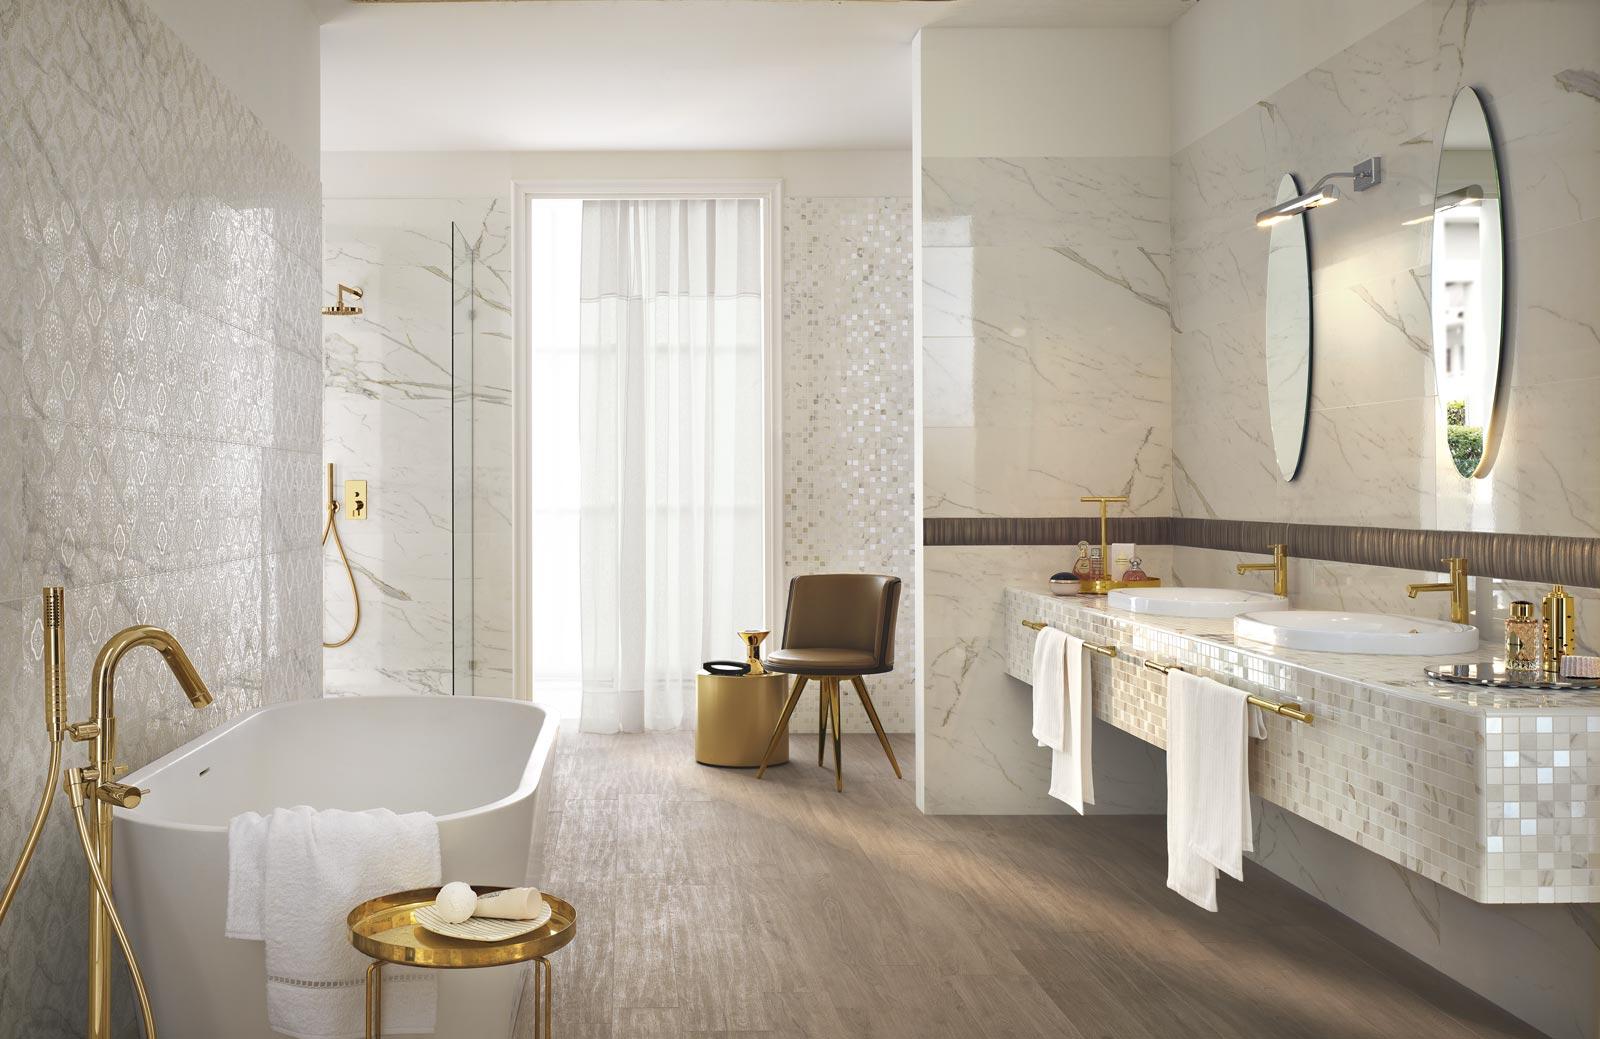 Collezione daylight rivestimenti bagno effetto marmo ragno for Salle de bain elegante